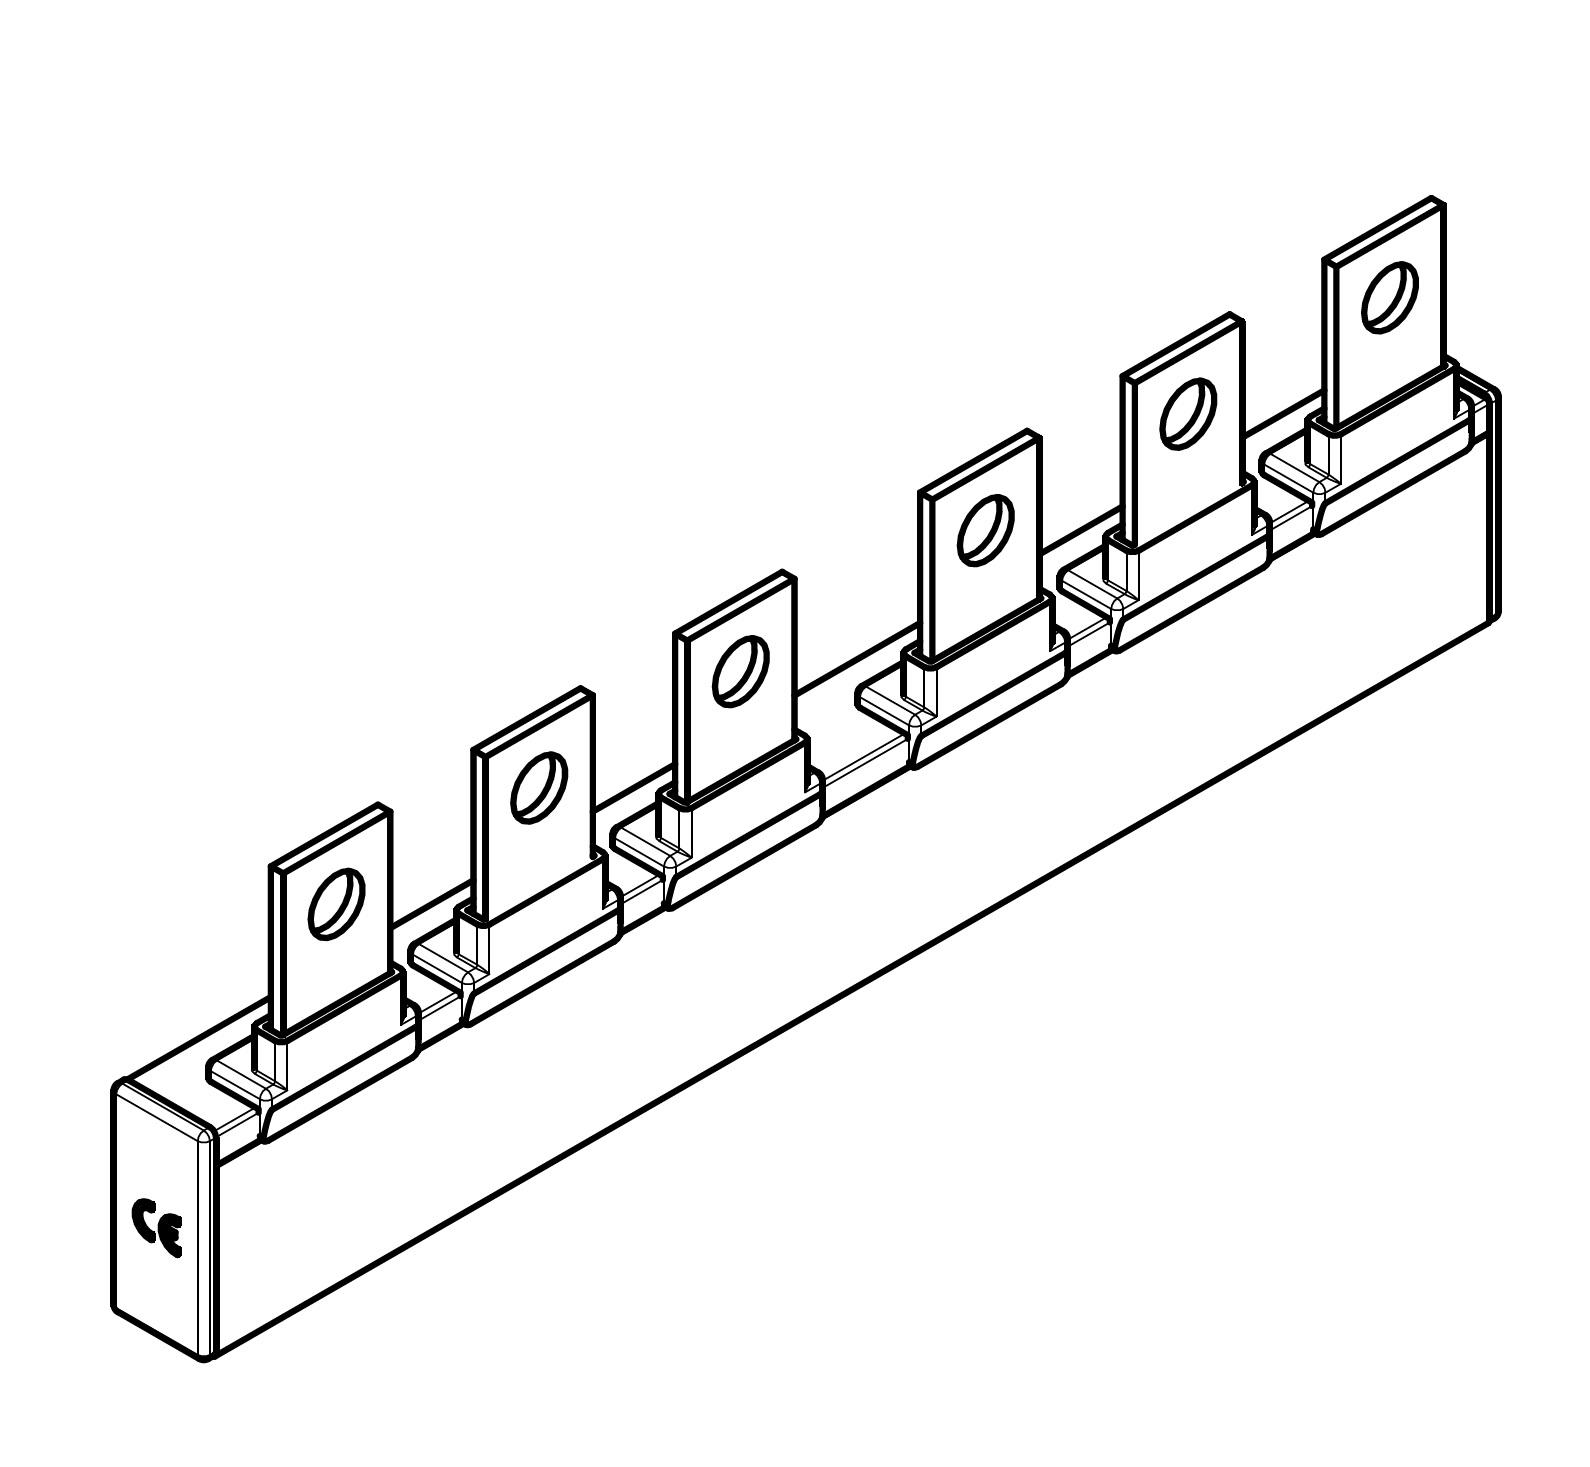 1 Stk ARROW II 00-NH-Trenner-Verschienung 2-fach BS900312--